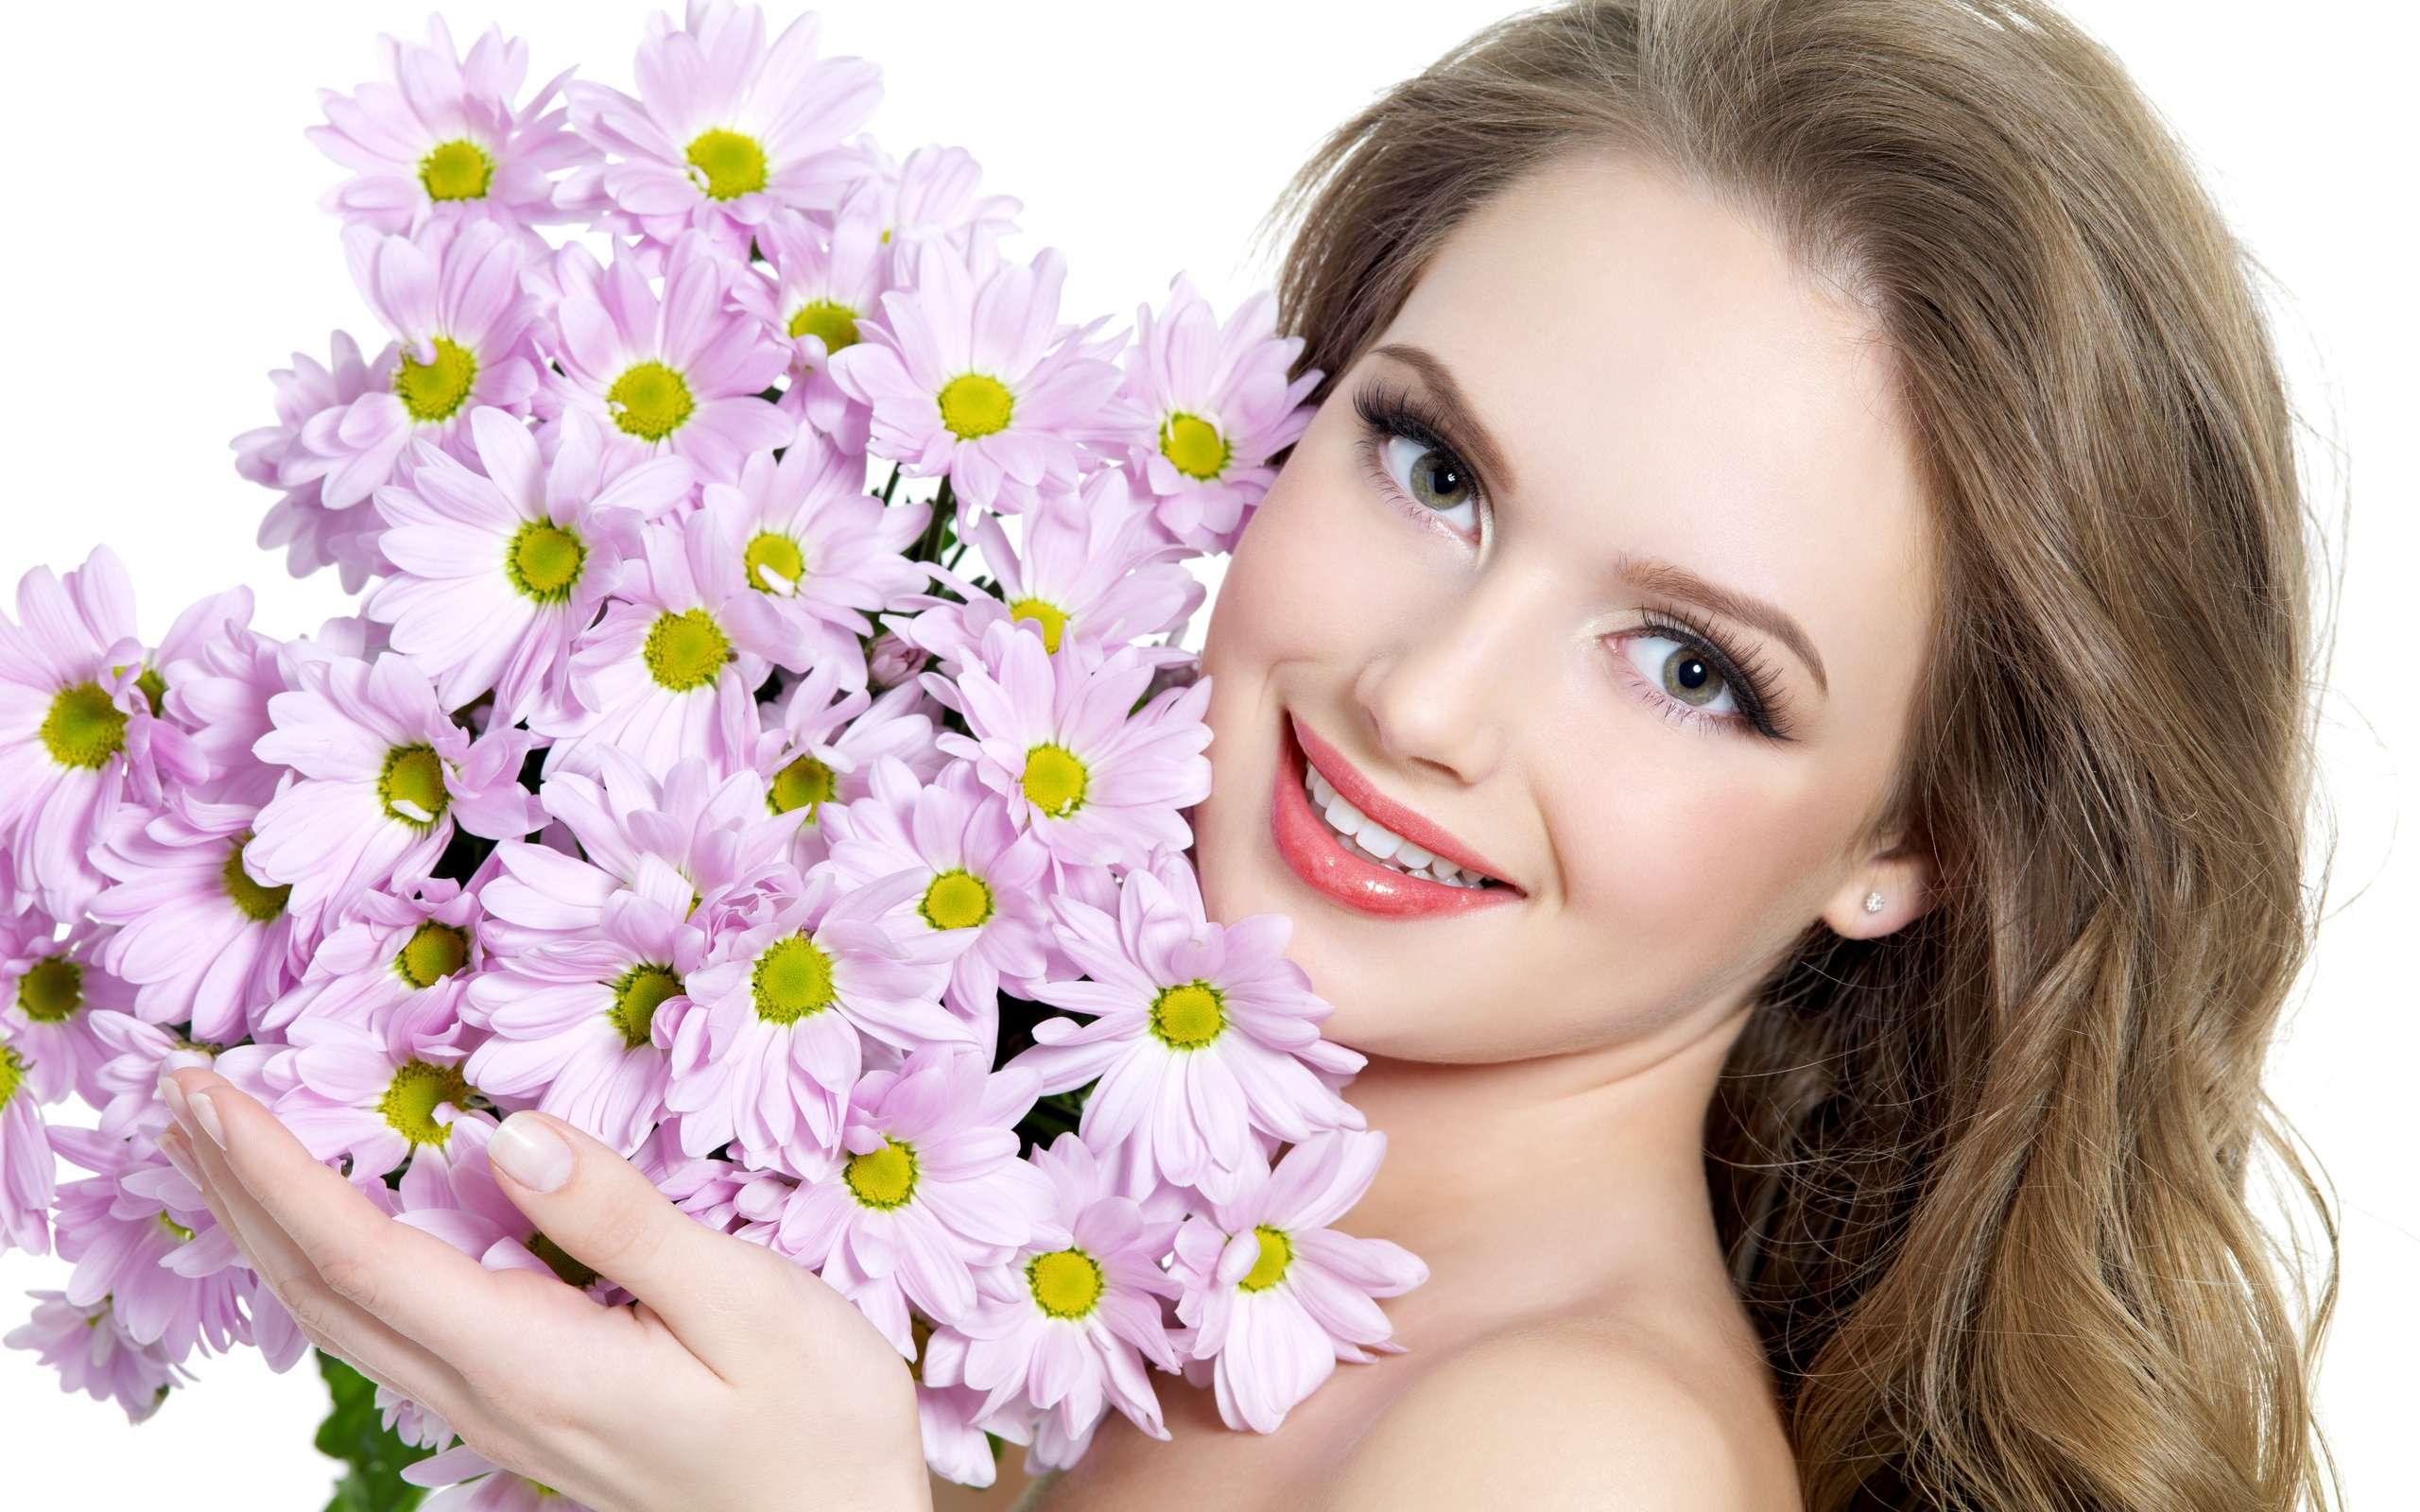 Bí quyết làm đẹp bằng hoa cúc từ hoa cúc